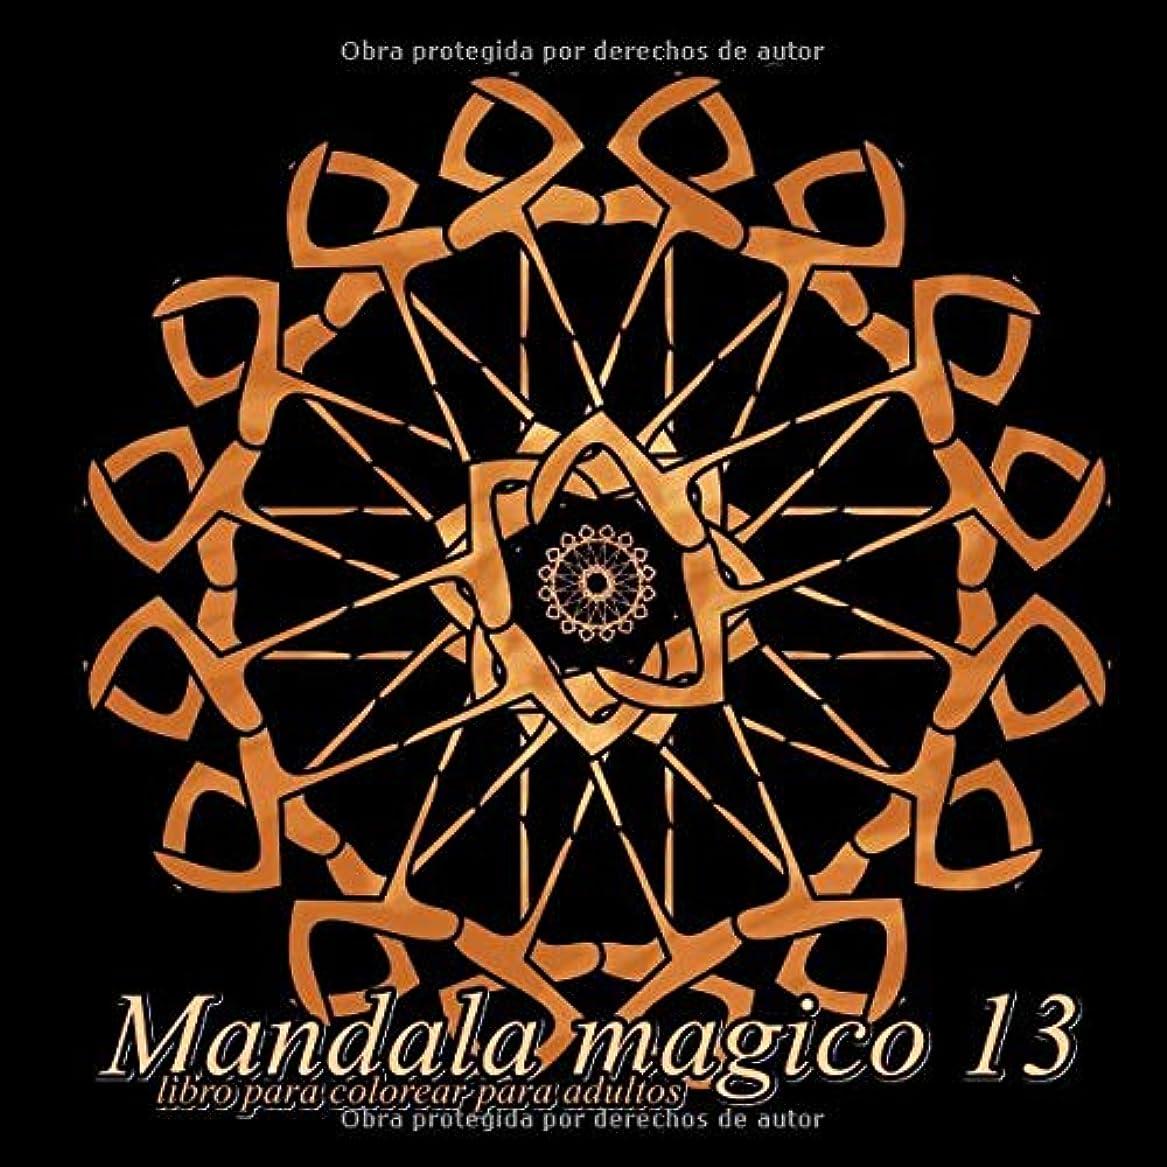 商標寝室を掃除する花に水をやるMandala magico 13: libro para colorear para adultos